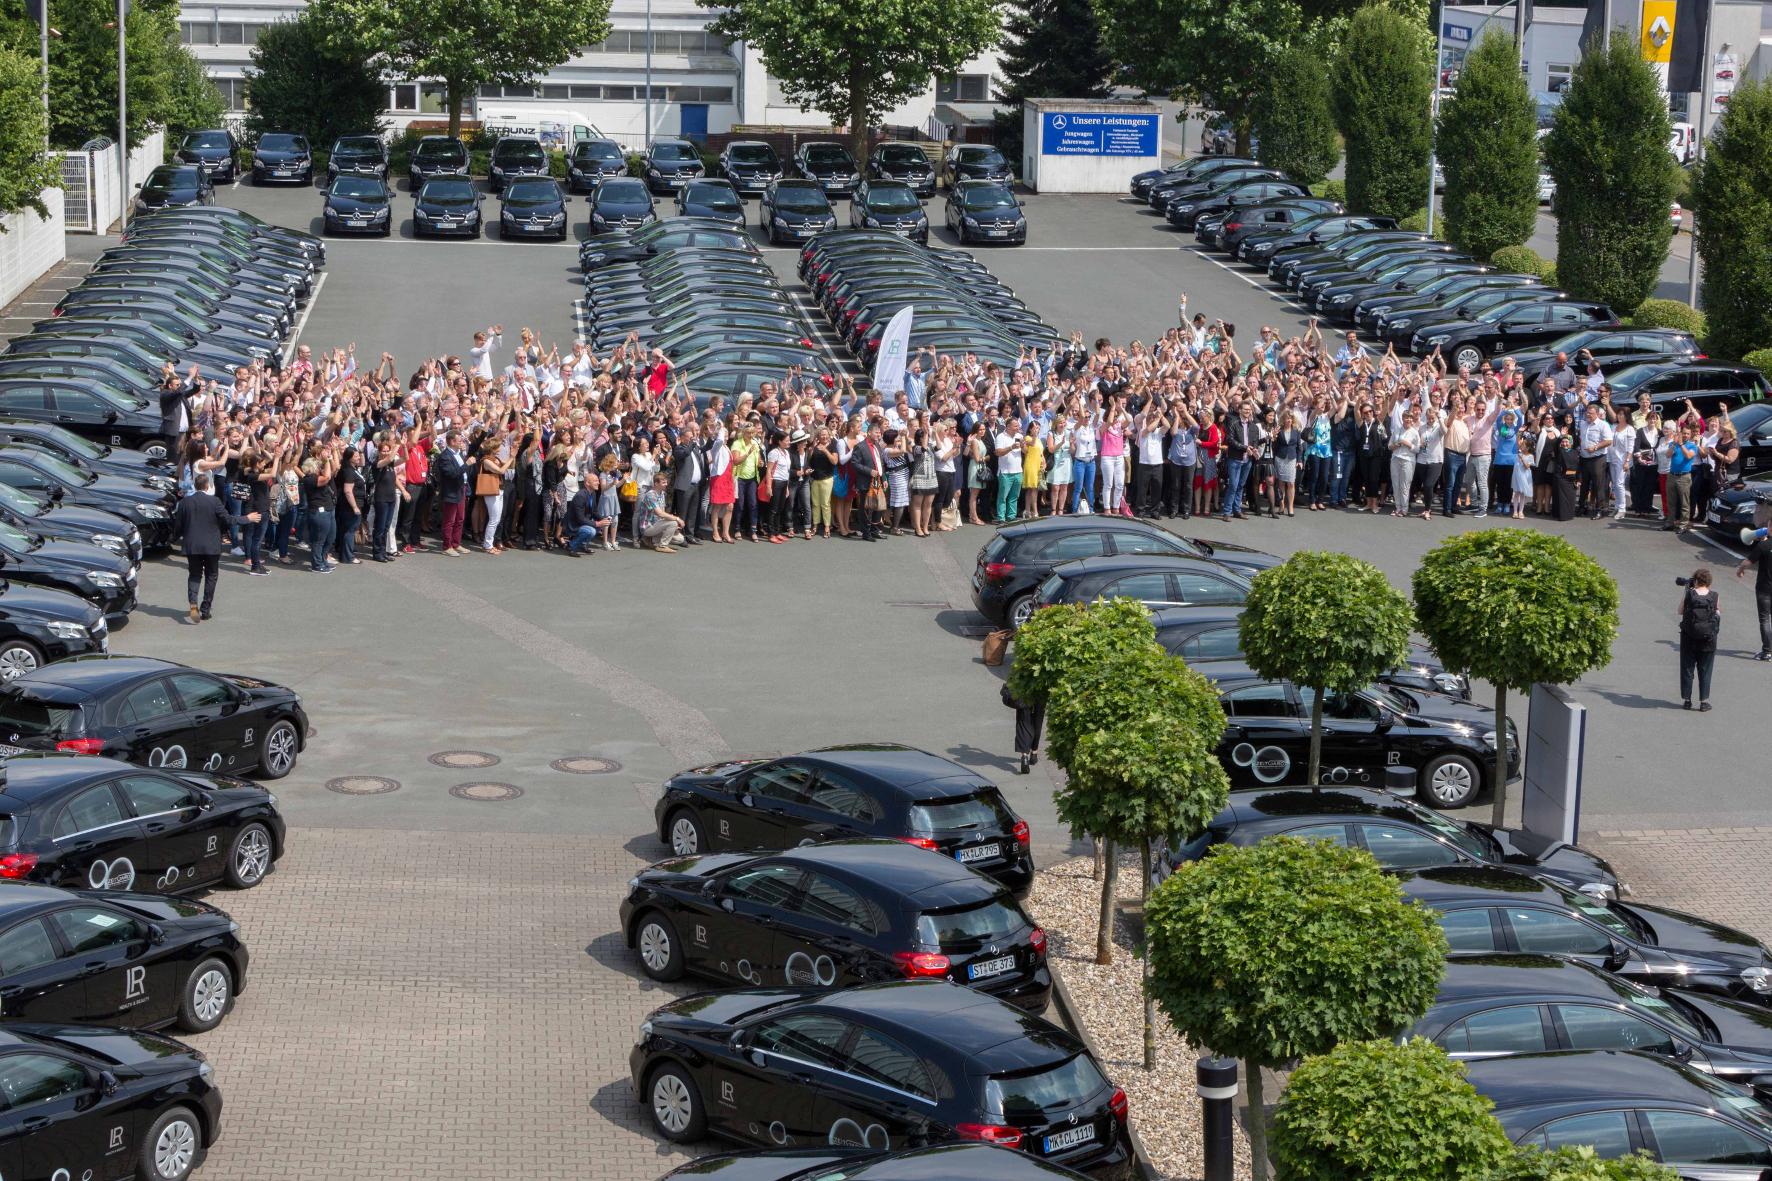 mid Ahlen - Große Freude herrscht bei den Vertriebspartnern des Kosmetikunternehmens LR Health & Beauty bei der Übergabe von 200 Mercedes A-Klassen.